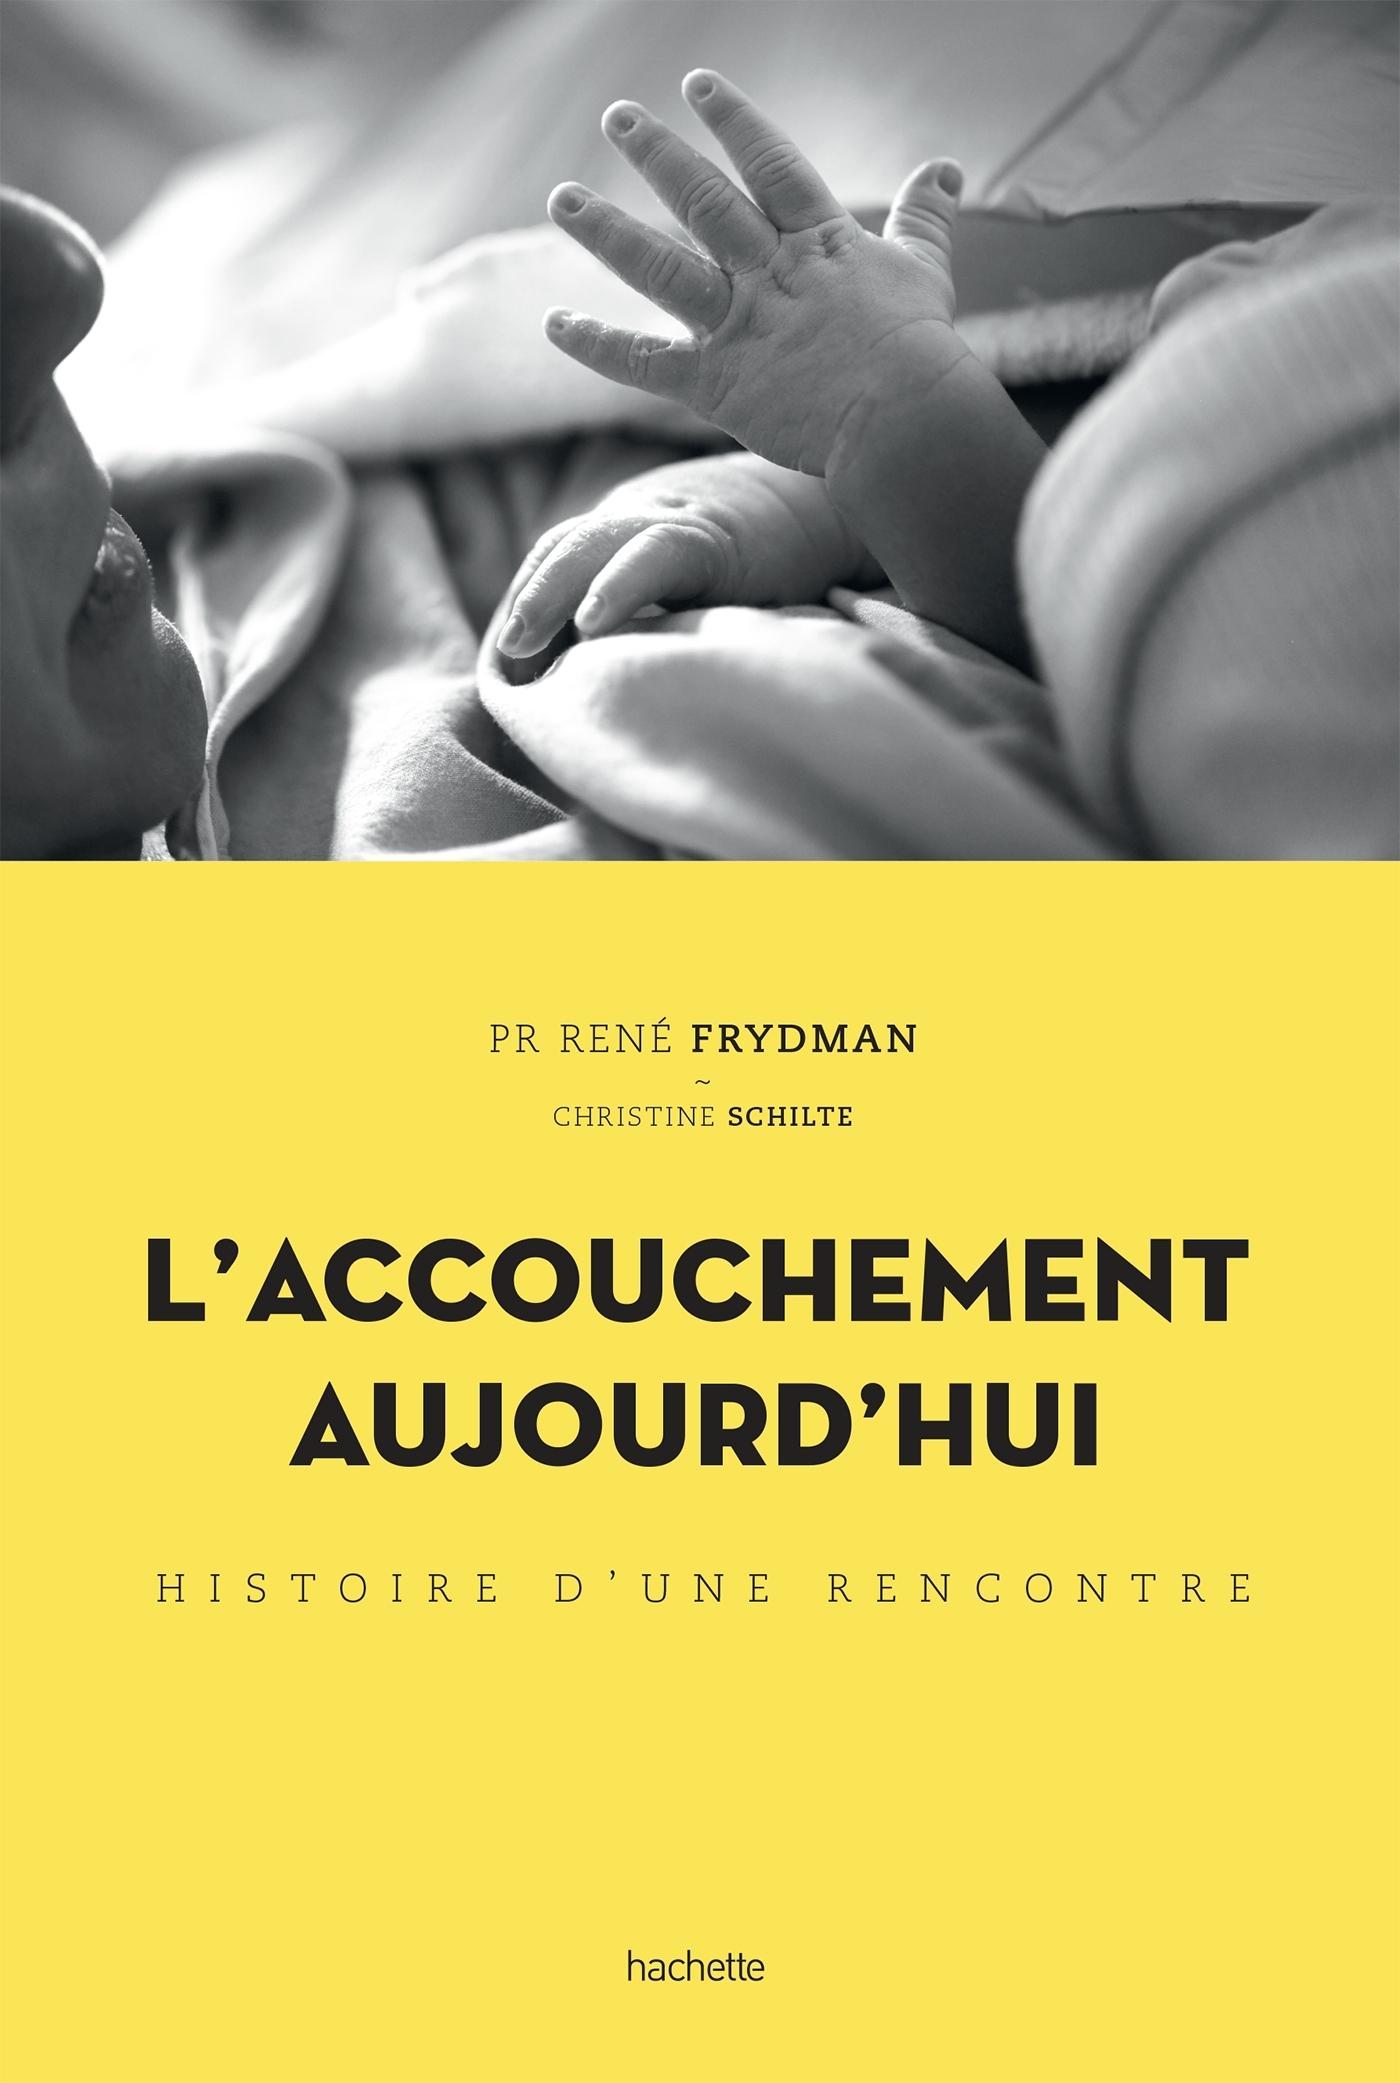 L'ACCOUCHEMENT AUJOURD'HUI - HISTOIRE D'UNE RENCONTRE